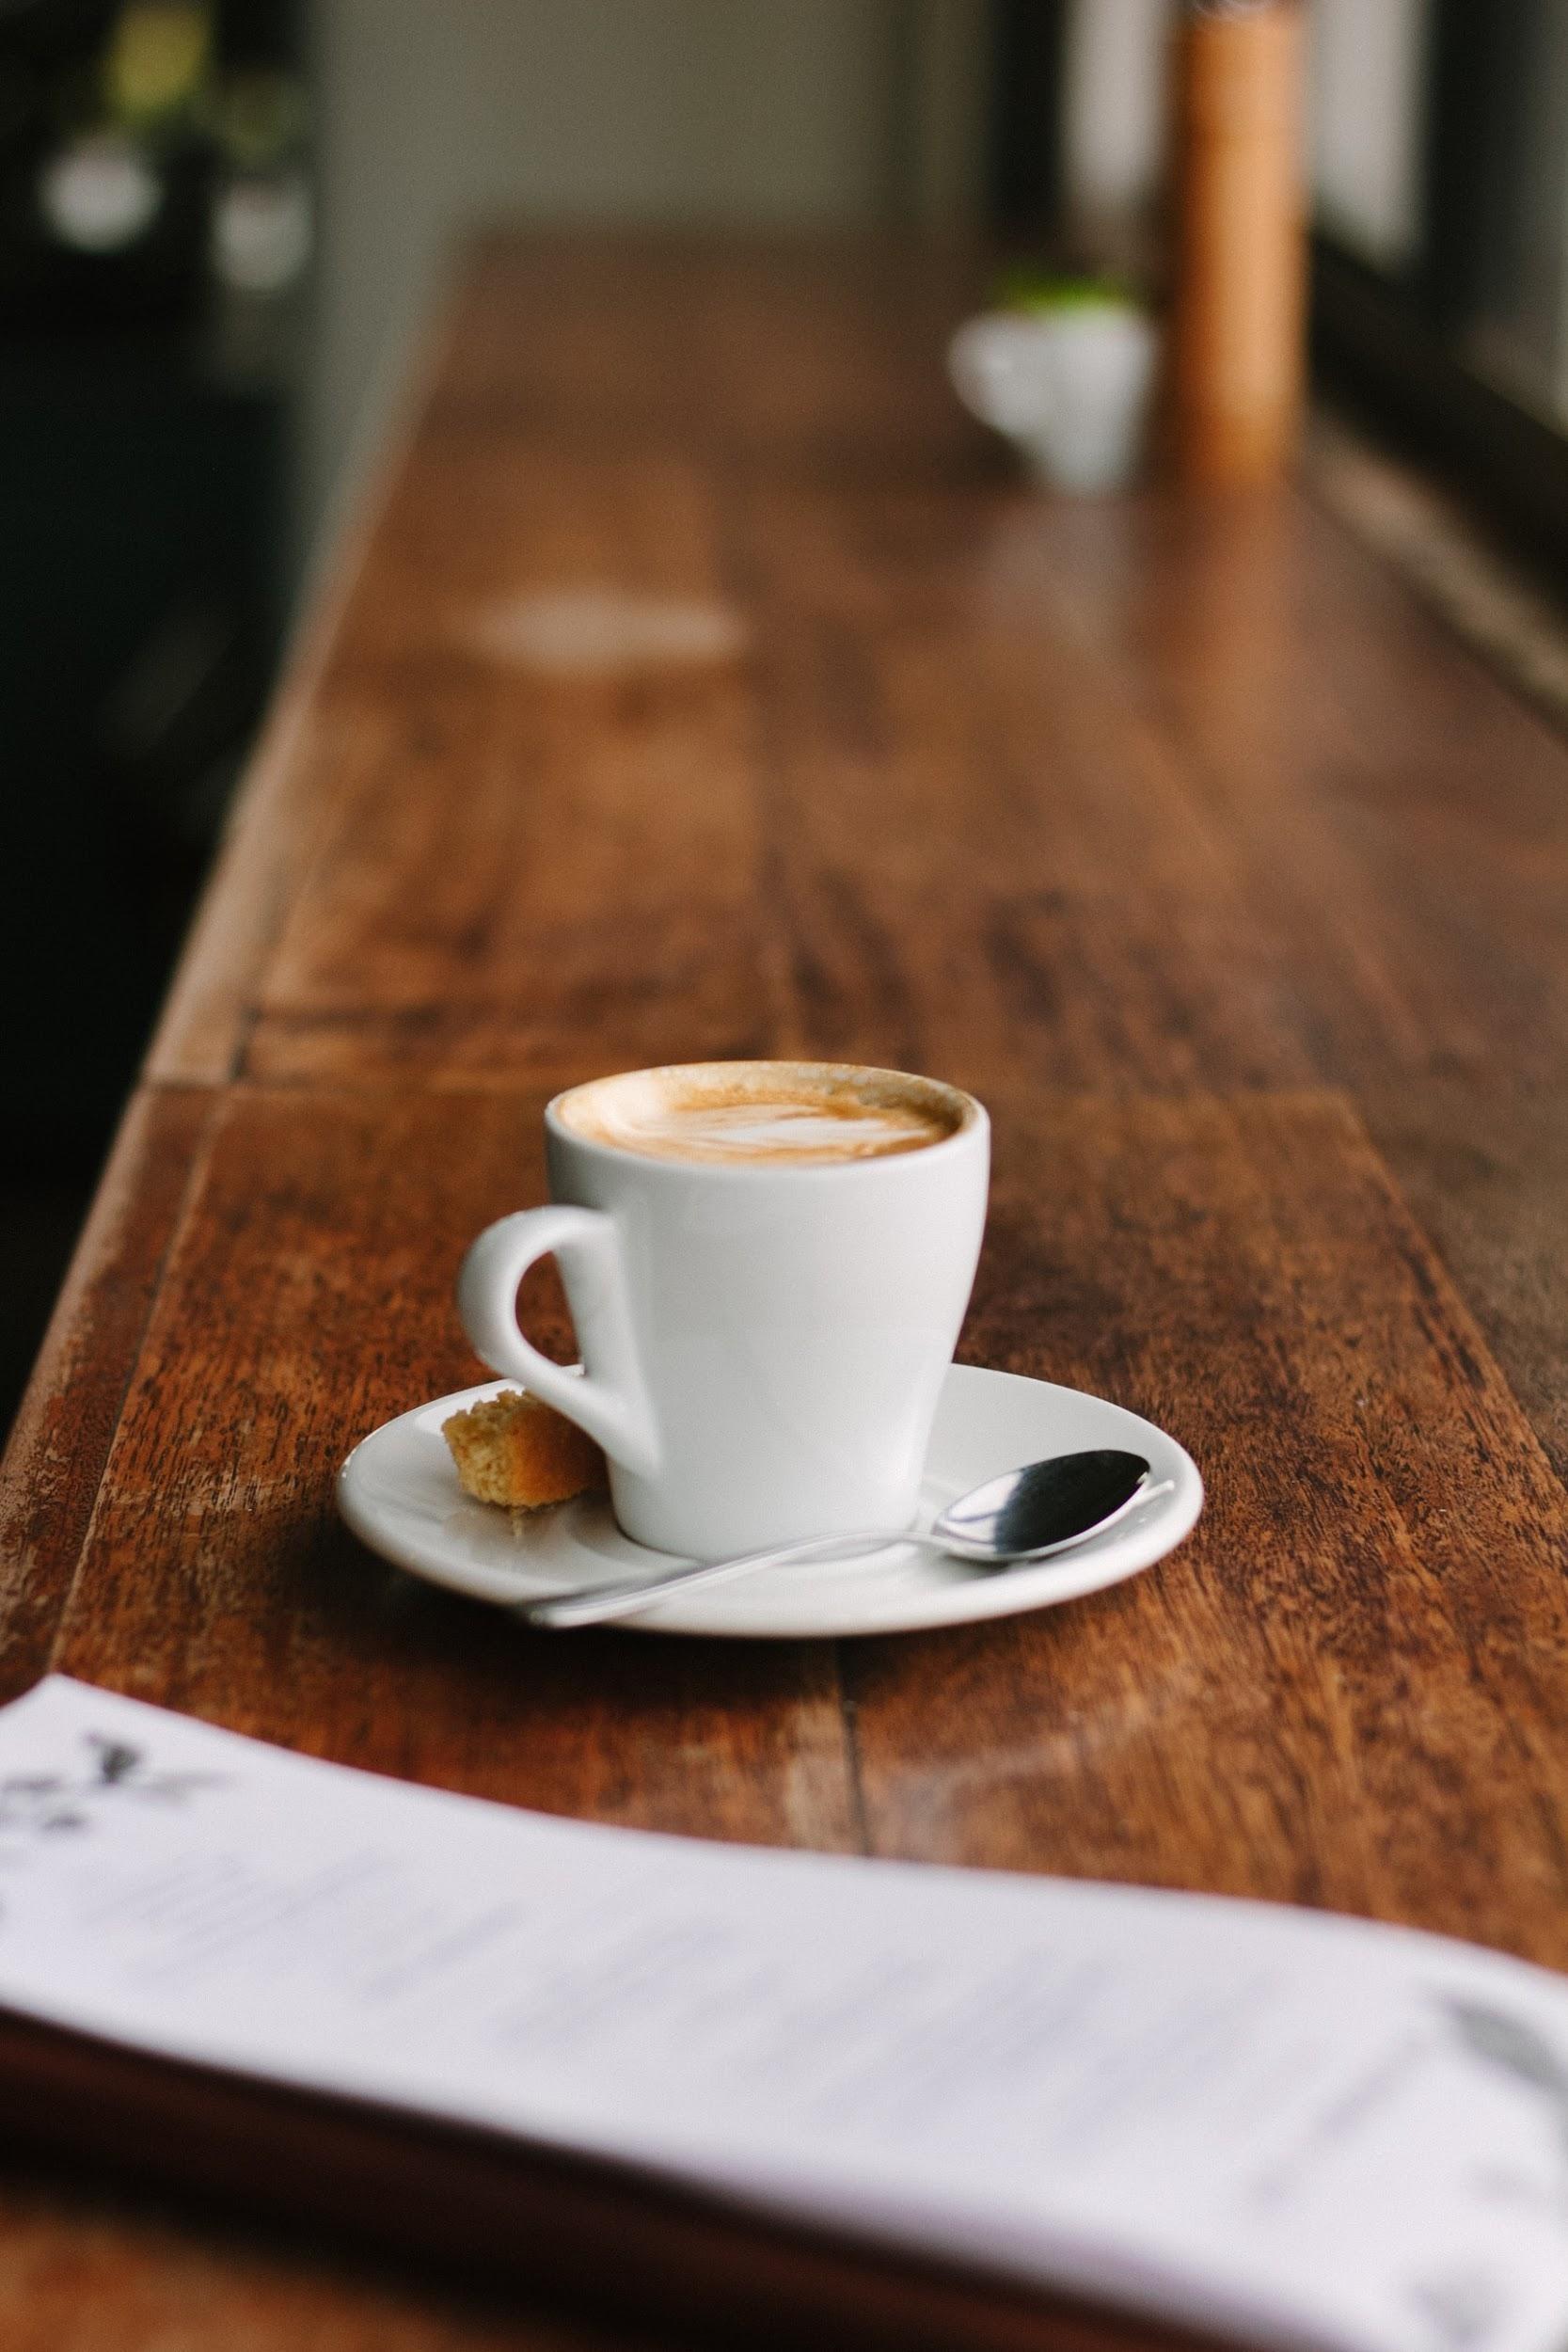 Kaffee mit Mandelkeks